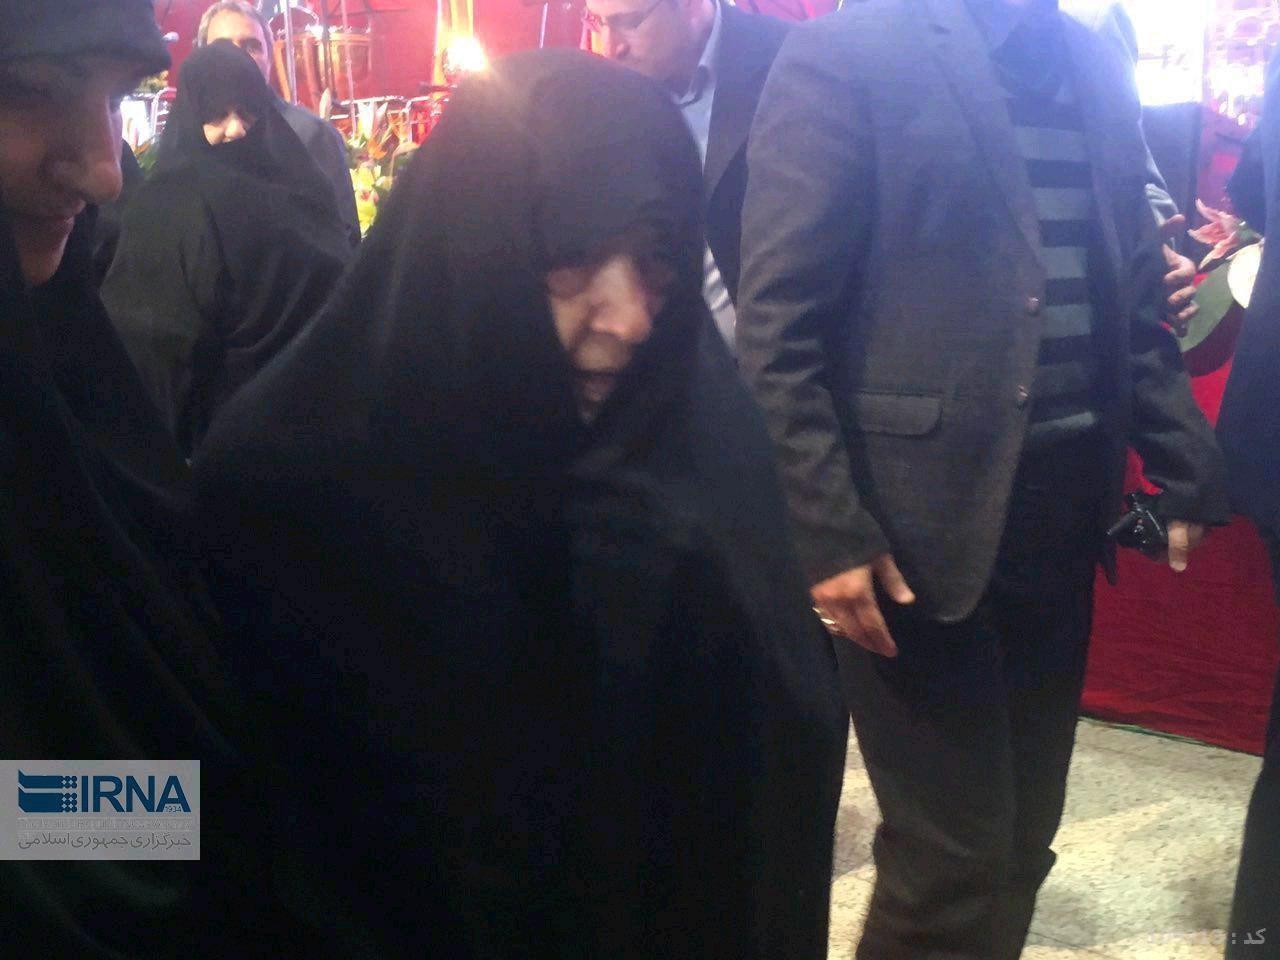 عکس   حضور همسر آیتالله هاشمی در مراسم سالروز ورود امام/ تجلیل از همسر آیتالله